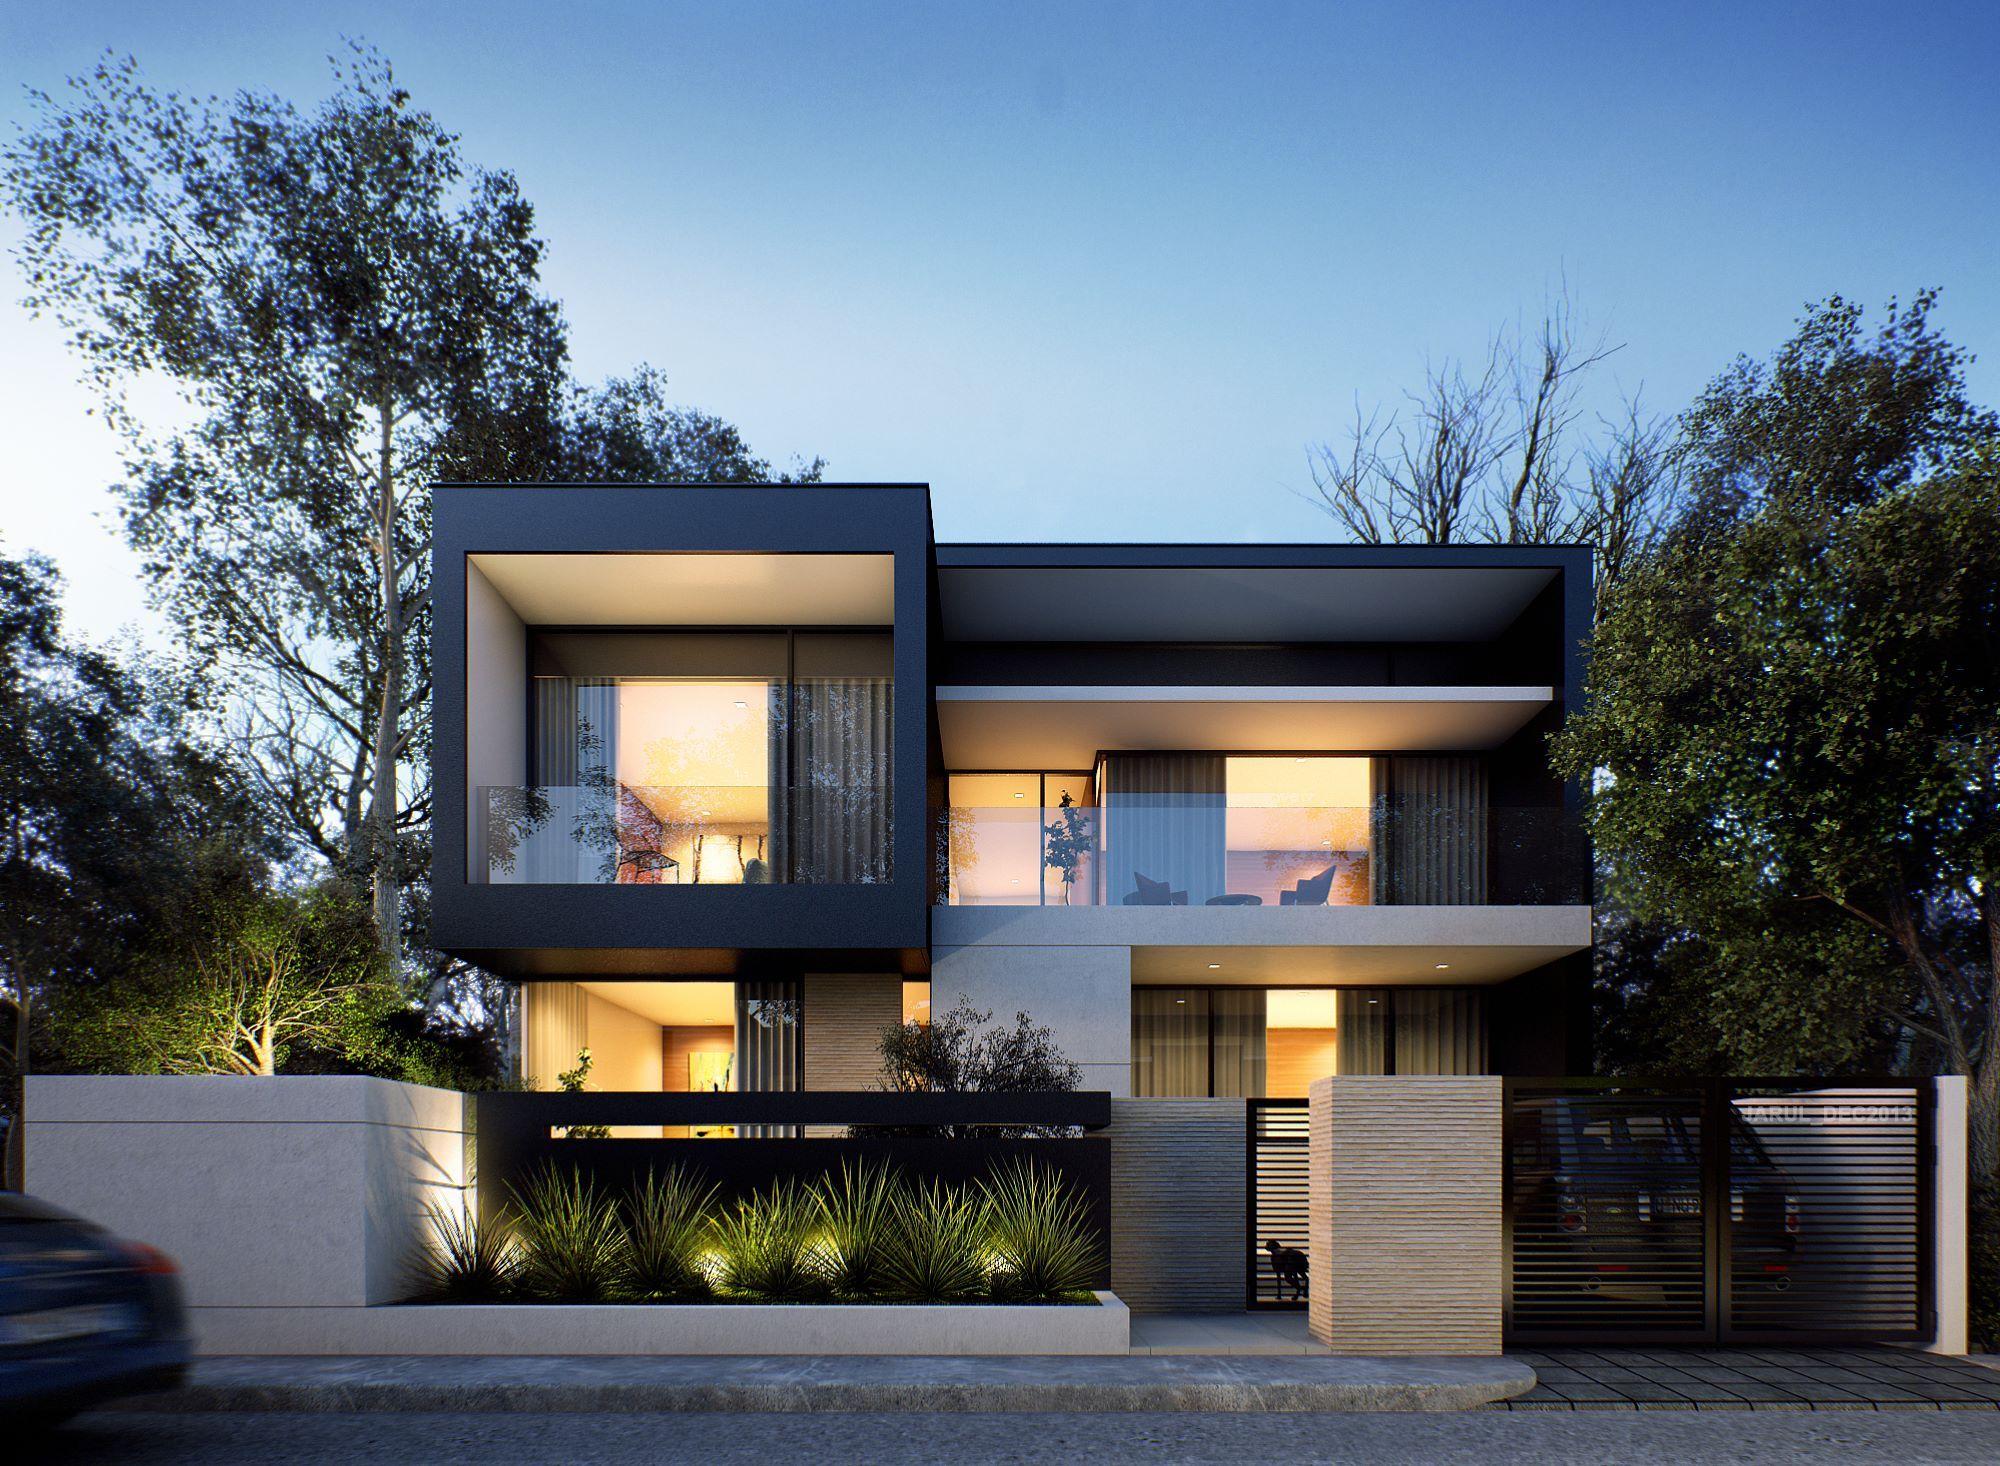 Mẫu biệt thự hiện đại đẹp nhất | NGÔI NHÀ MƠ ƯỚC! | Pinterest ...